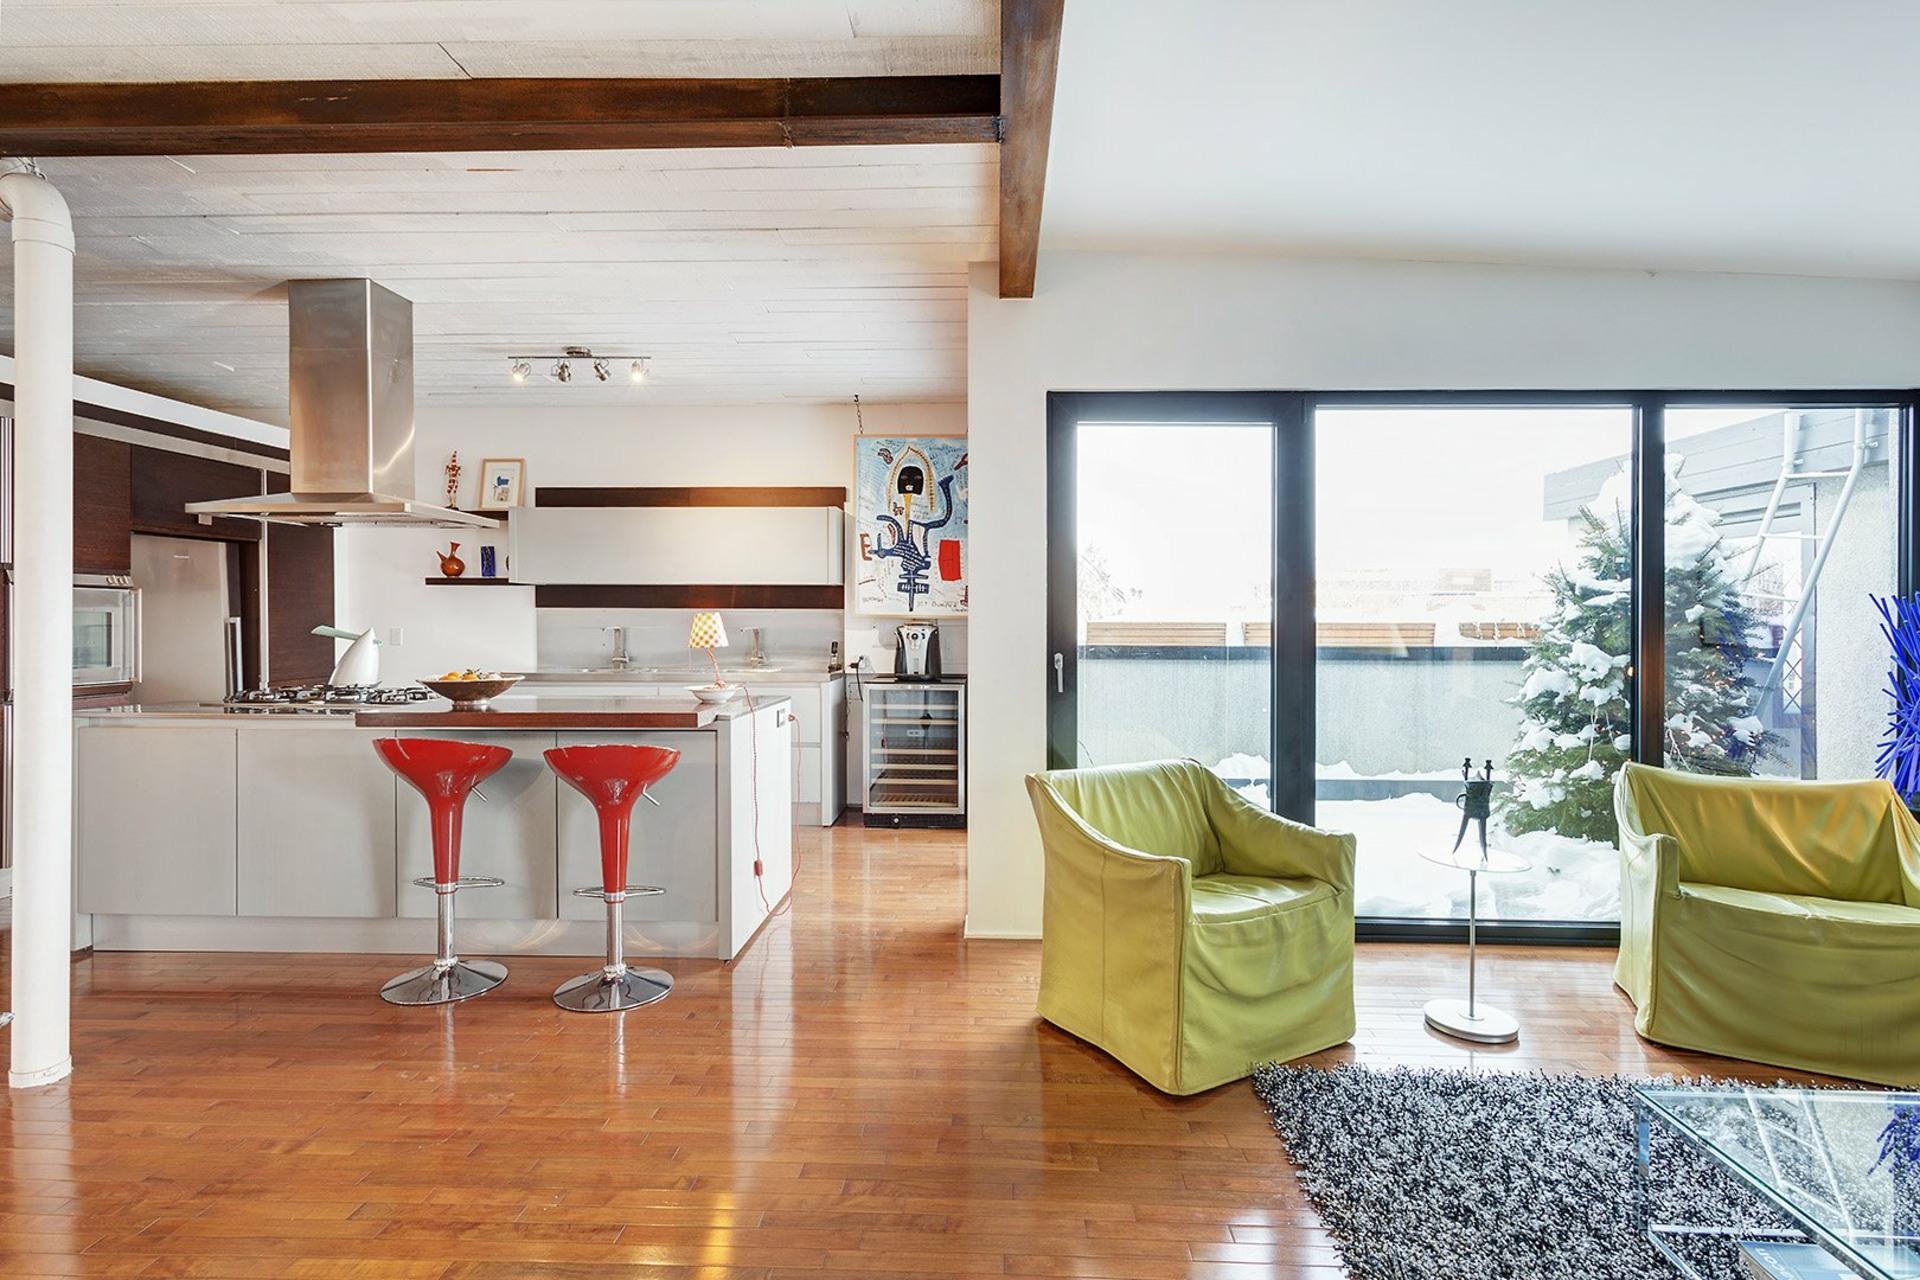 image 34 - Appartement À vendre Rosemont/La Petite-Patrie Montréal  - 13 pièces